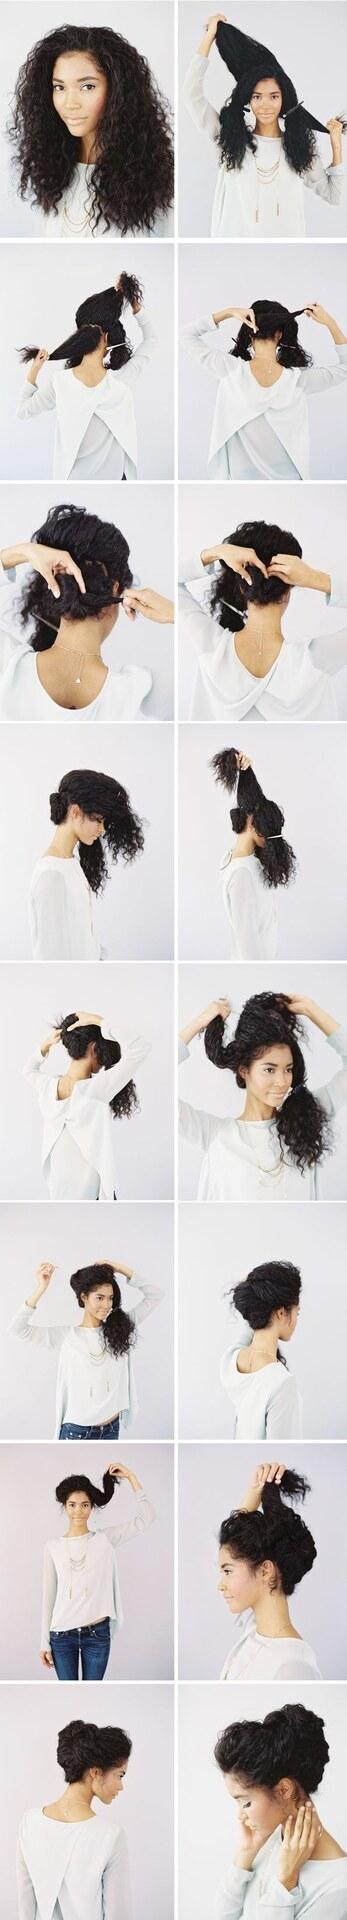 17 Penteados Para Quem Tem Cabelo Cacheado